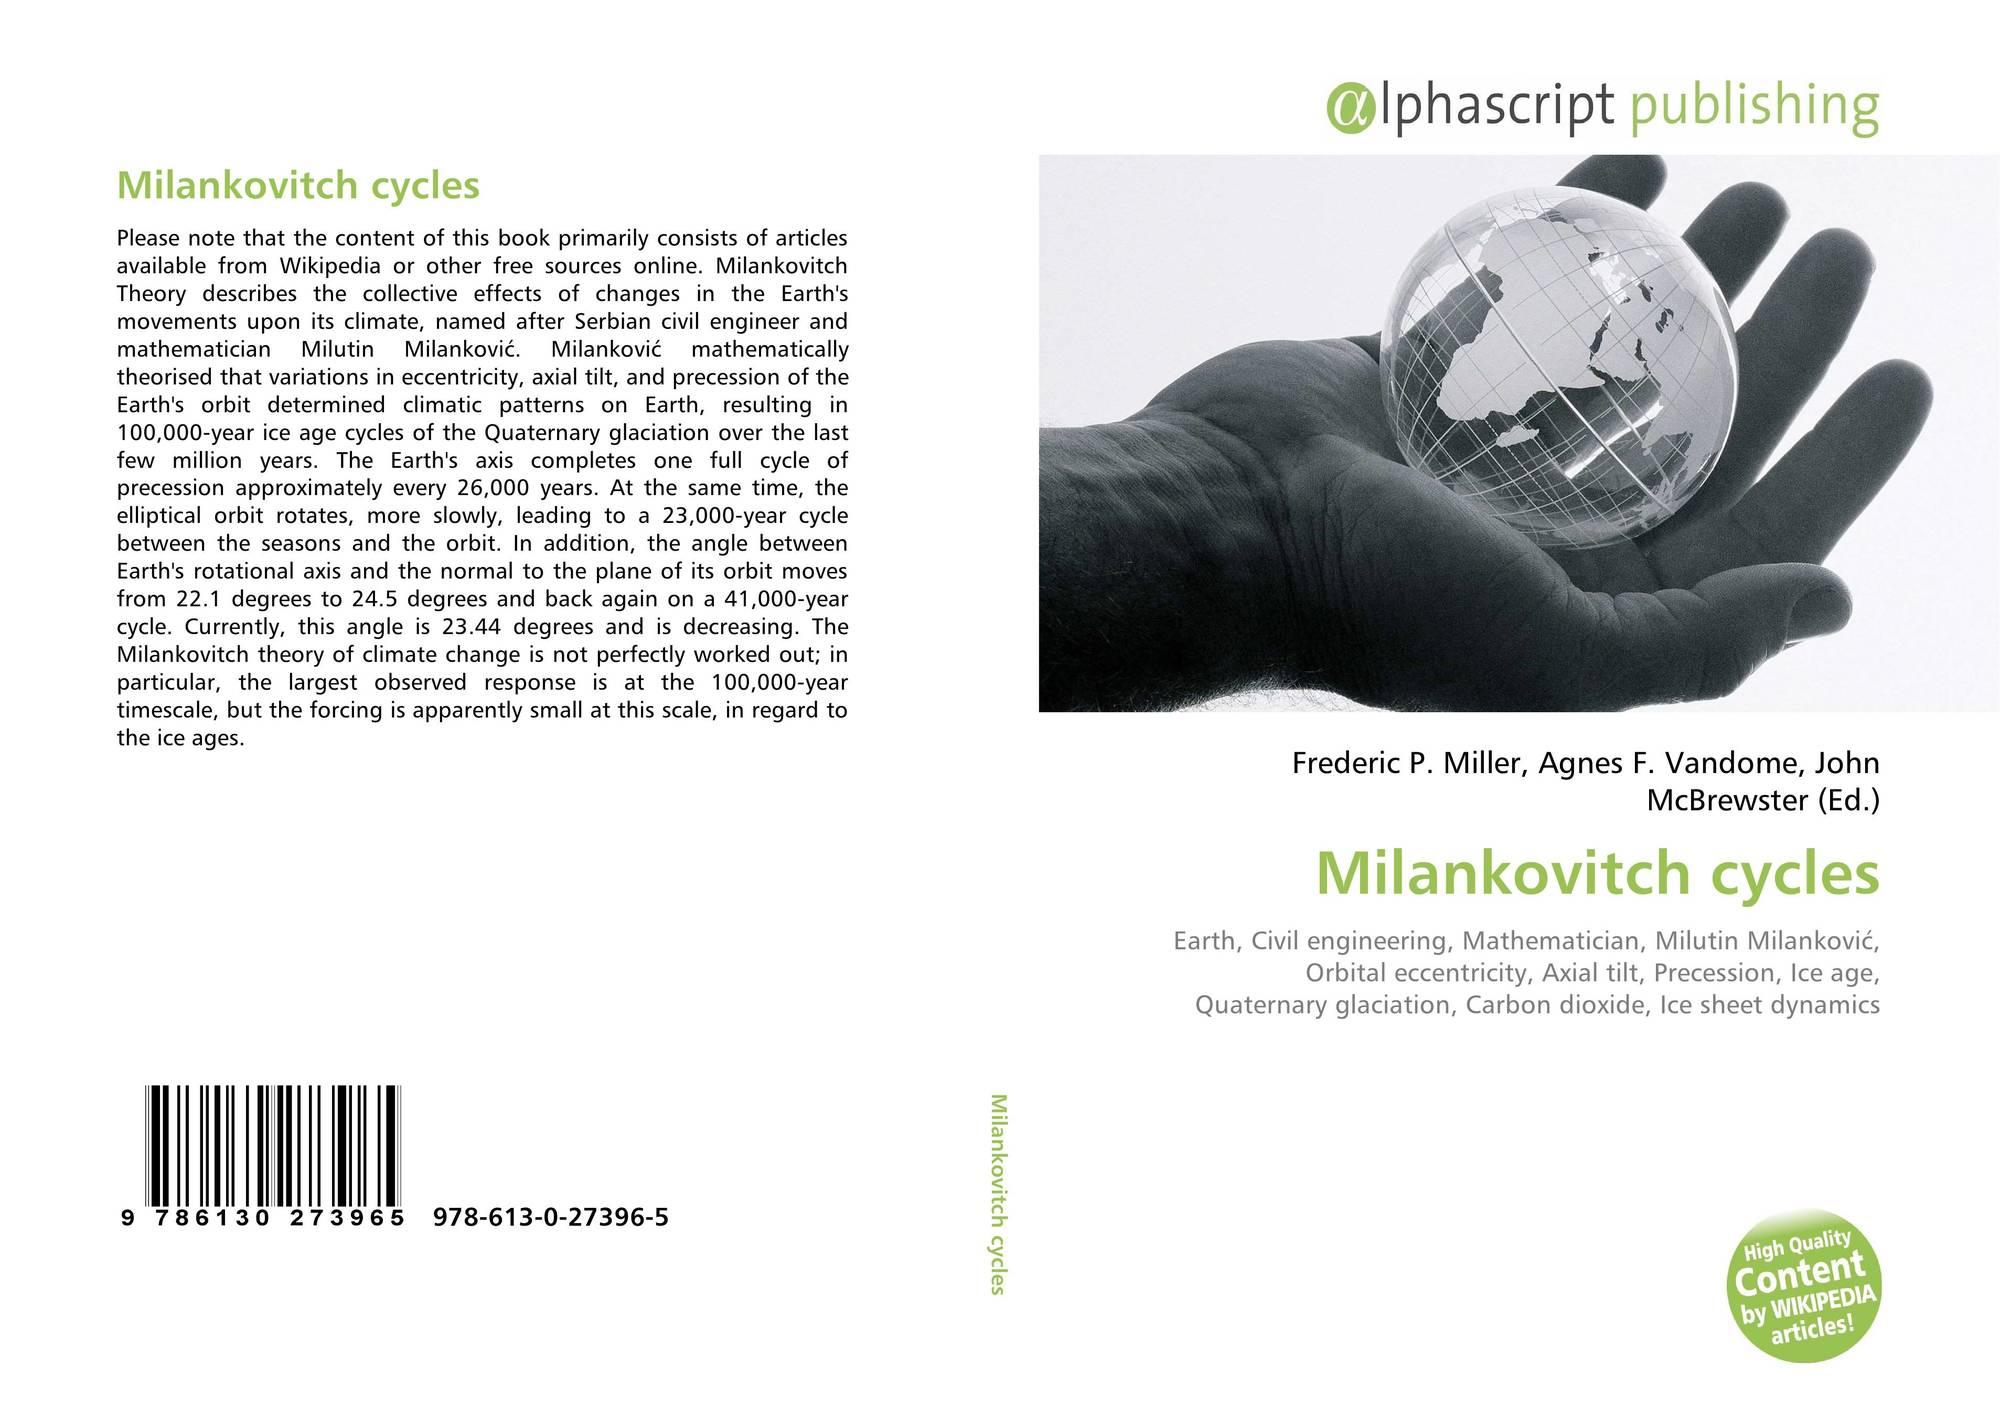 1605 Milankovitch